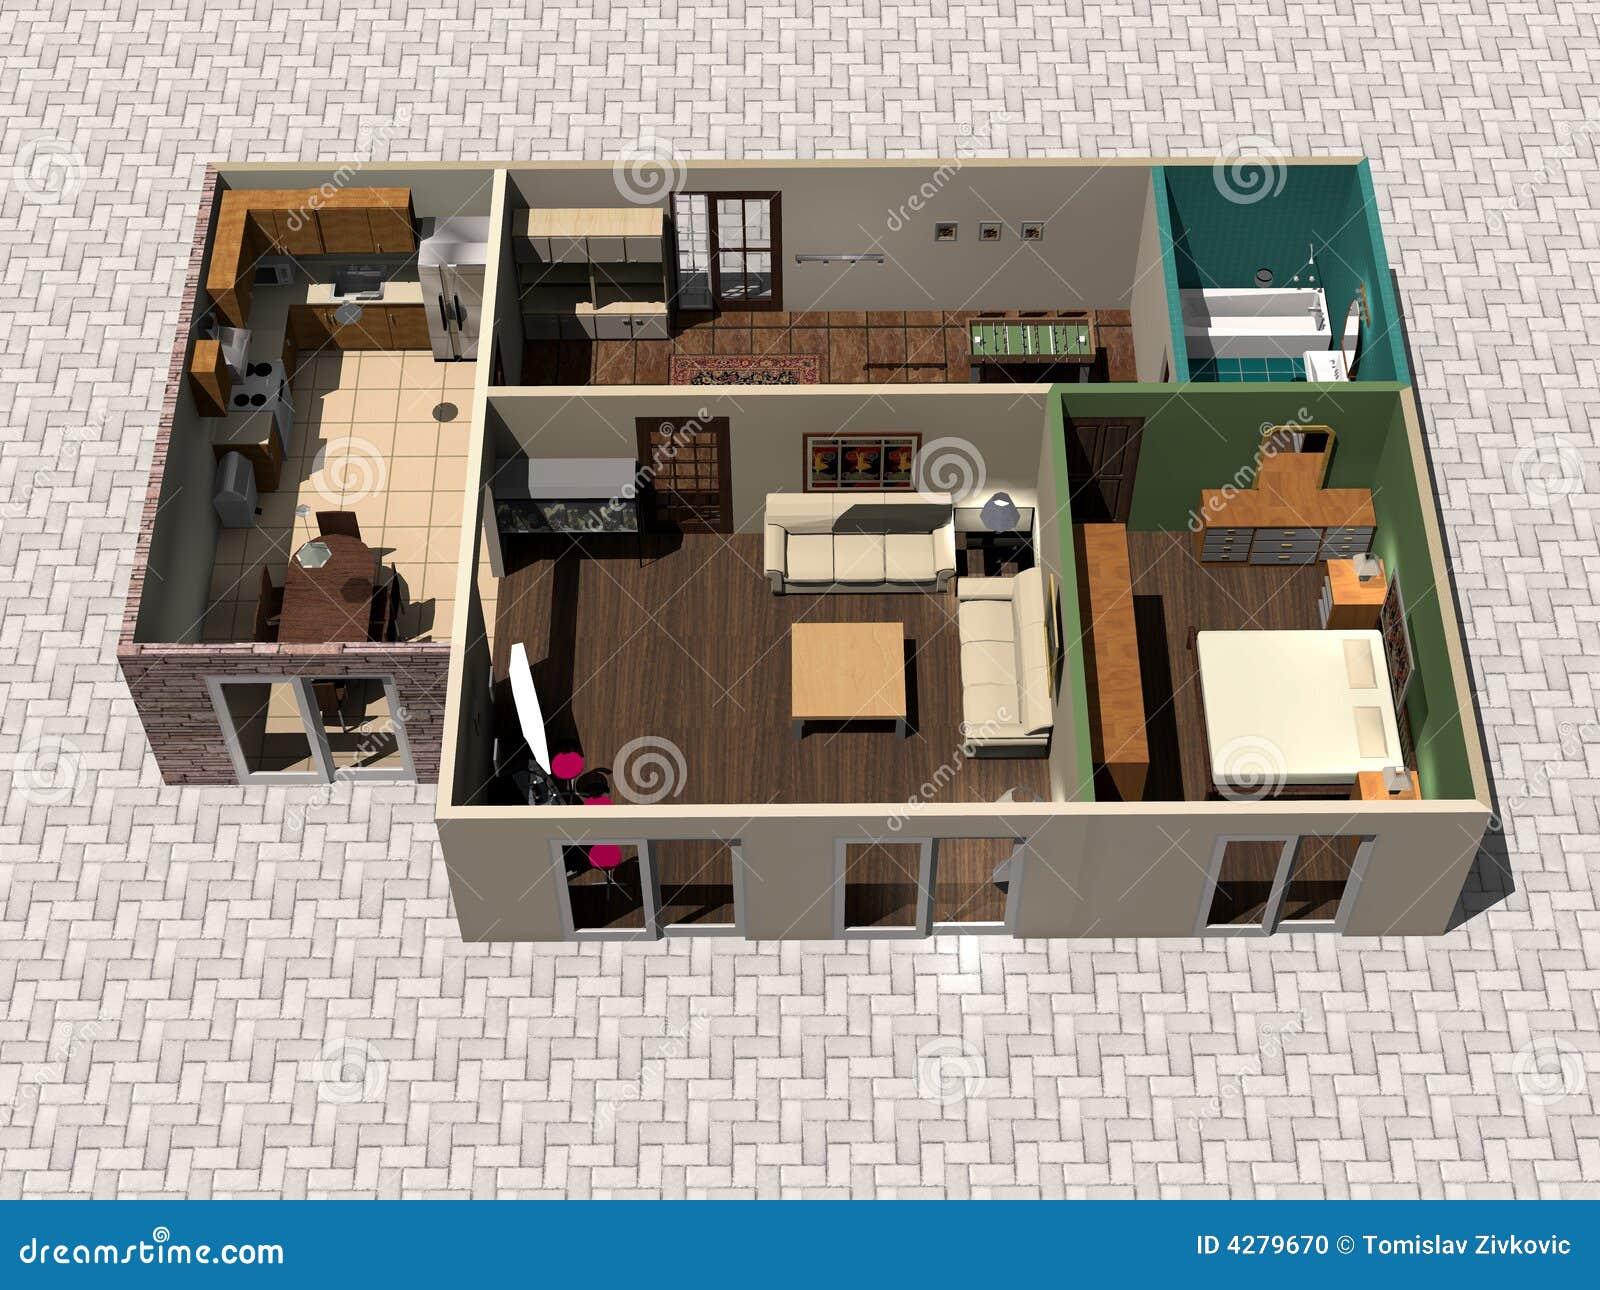 Plan des hauses 3d stock abbildung bild von verbesserung for Planner casa 3d